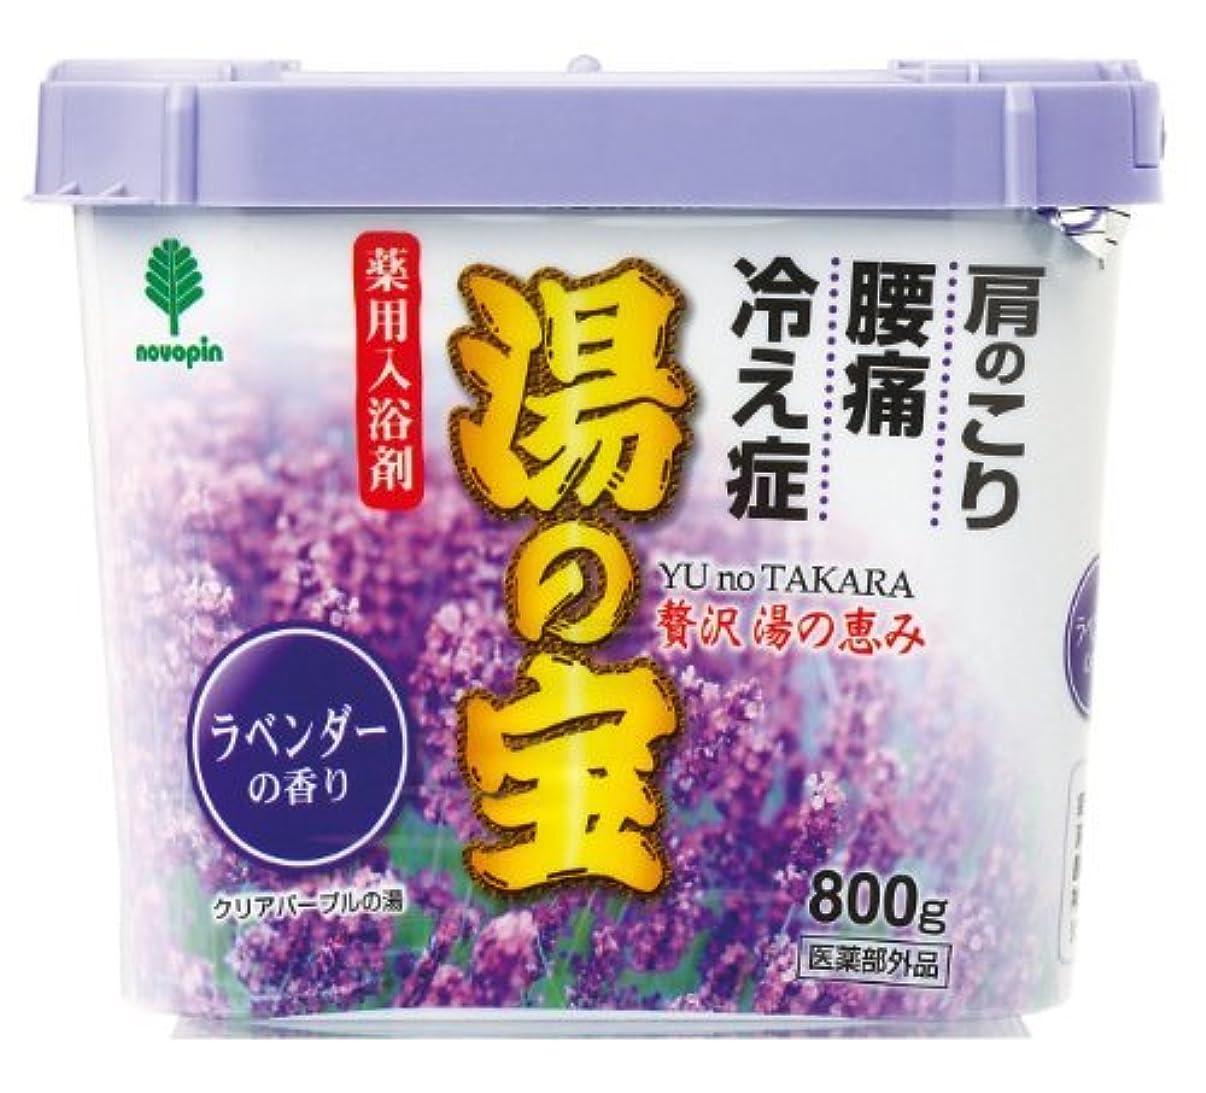 サンプルヒップ渇き紀陽除虫菊 湯の宝 ラベンダーの香り 800g【まとめ買い16個セット】 N-0057